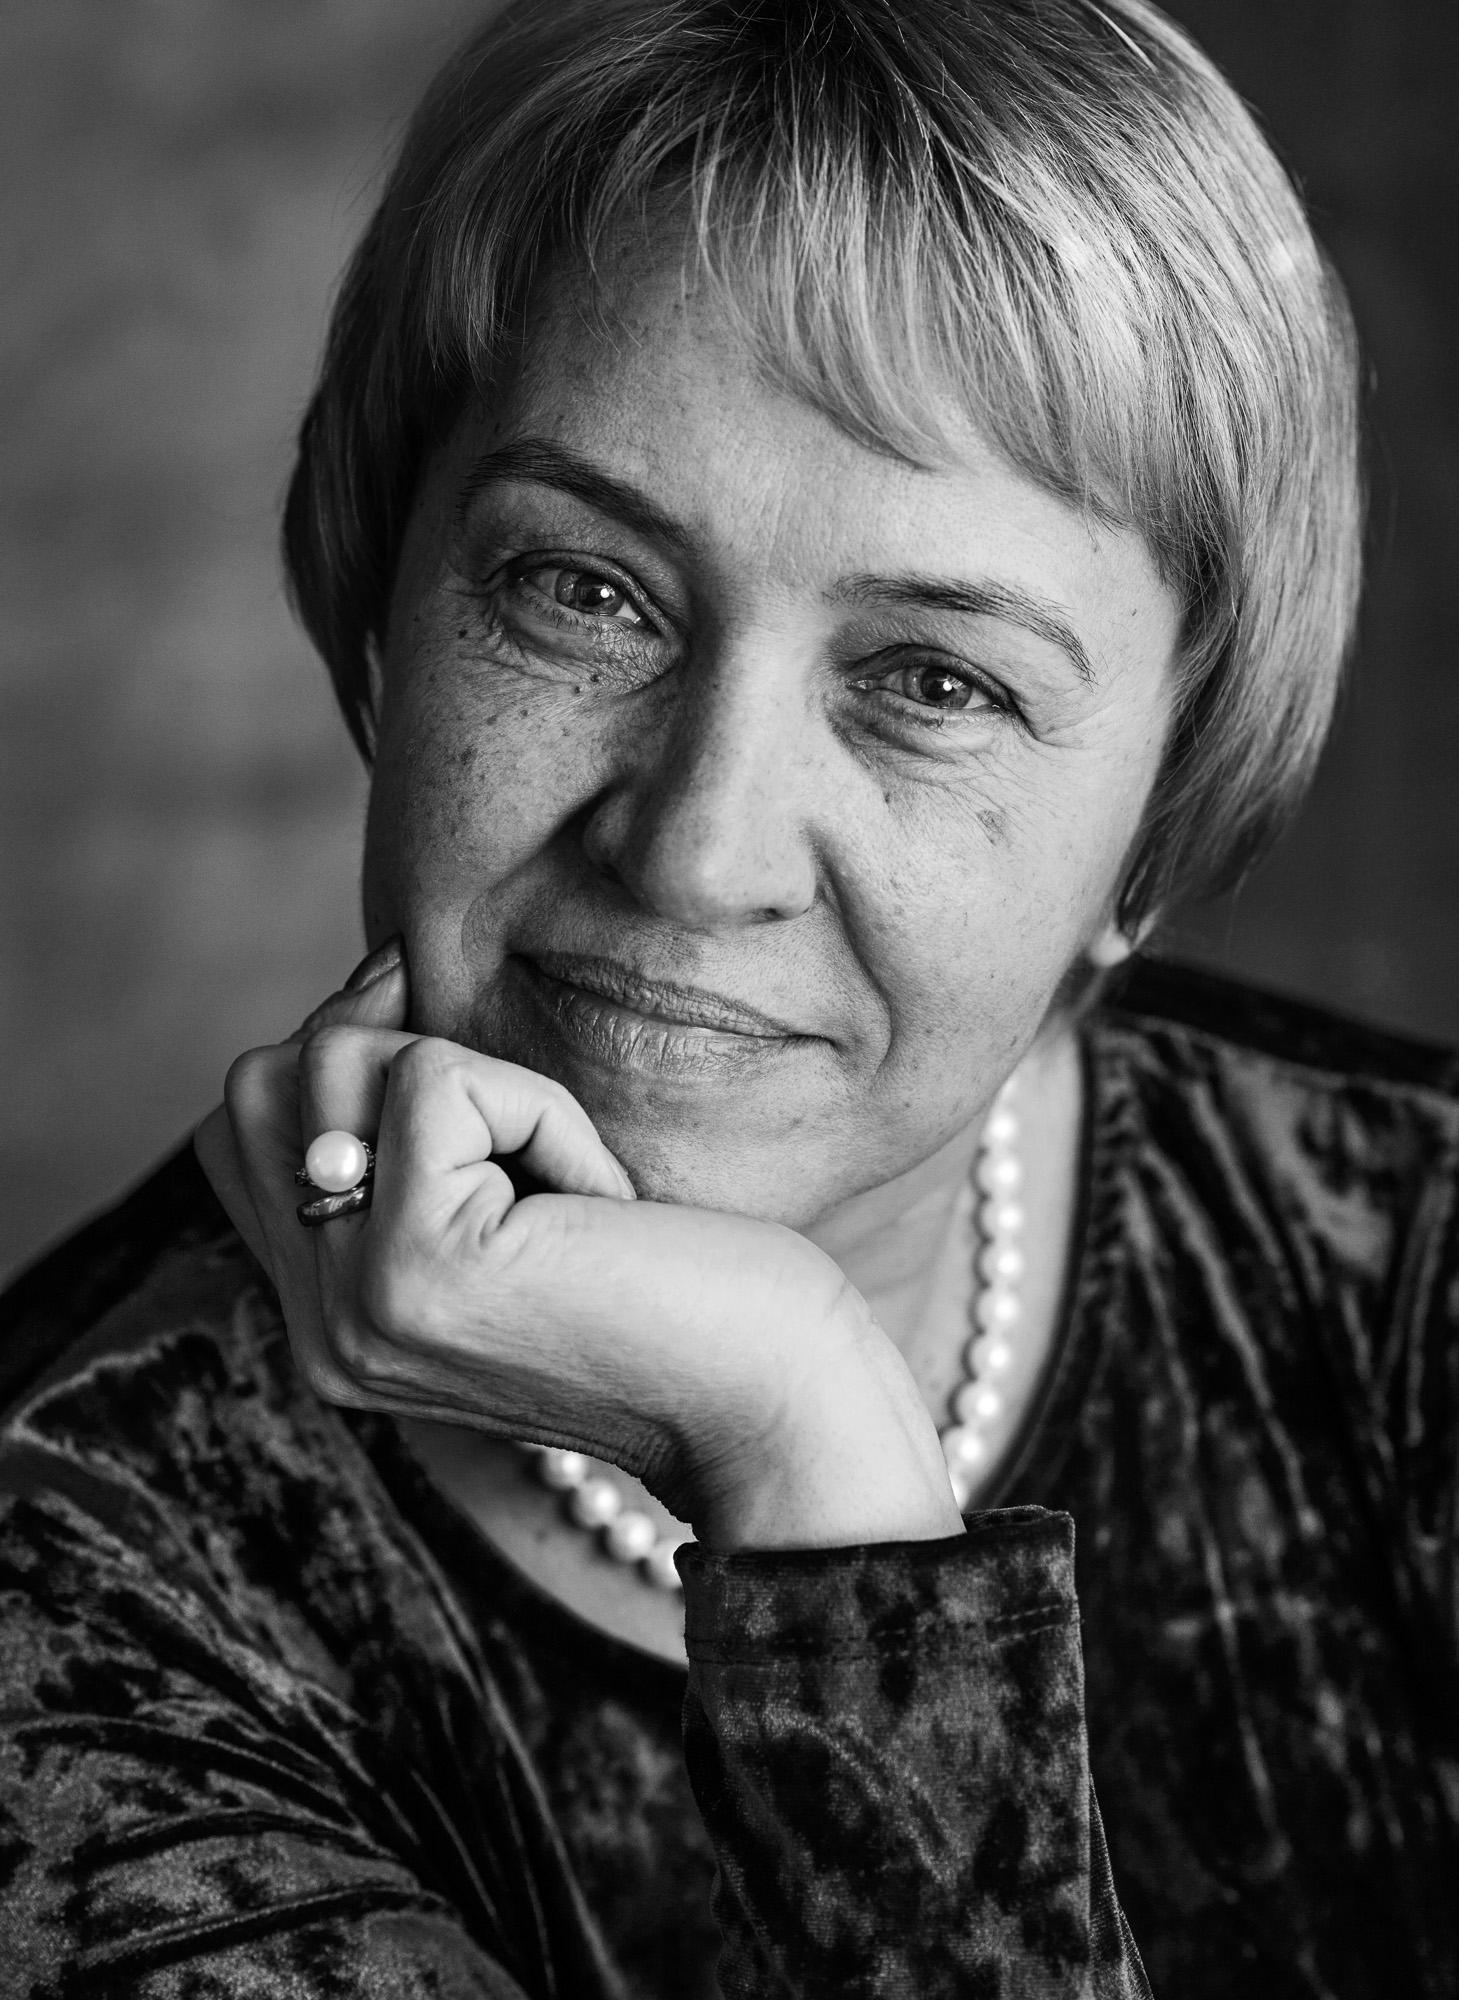 Valė Ščiukienė - Mom.